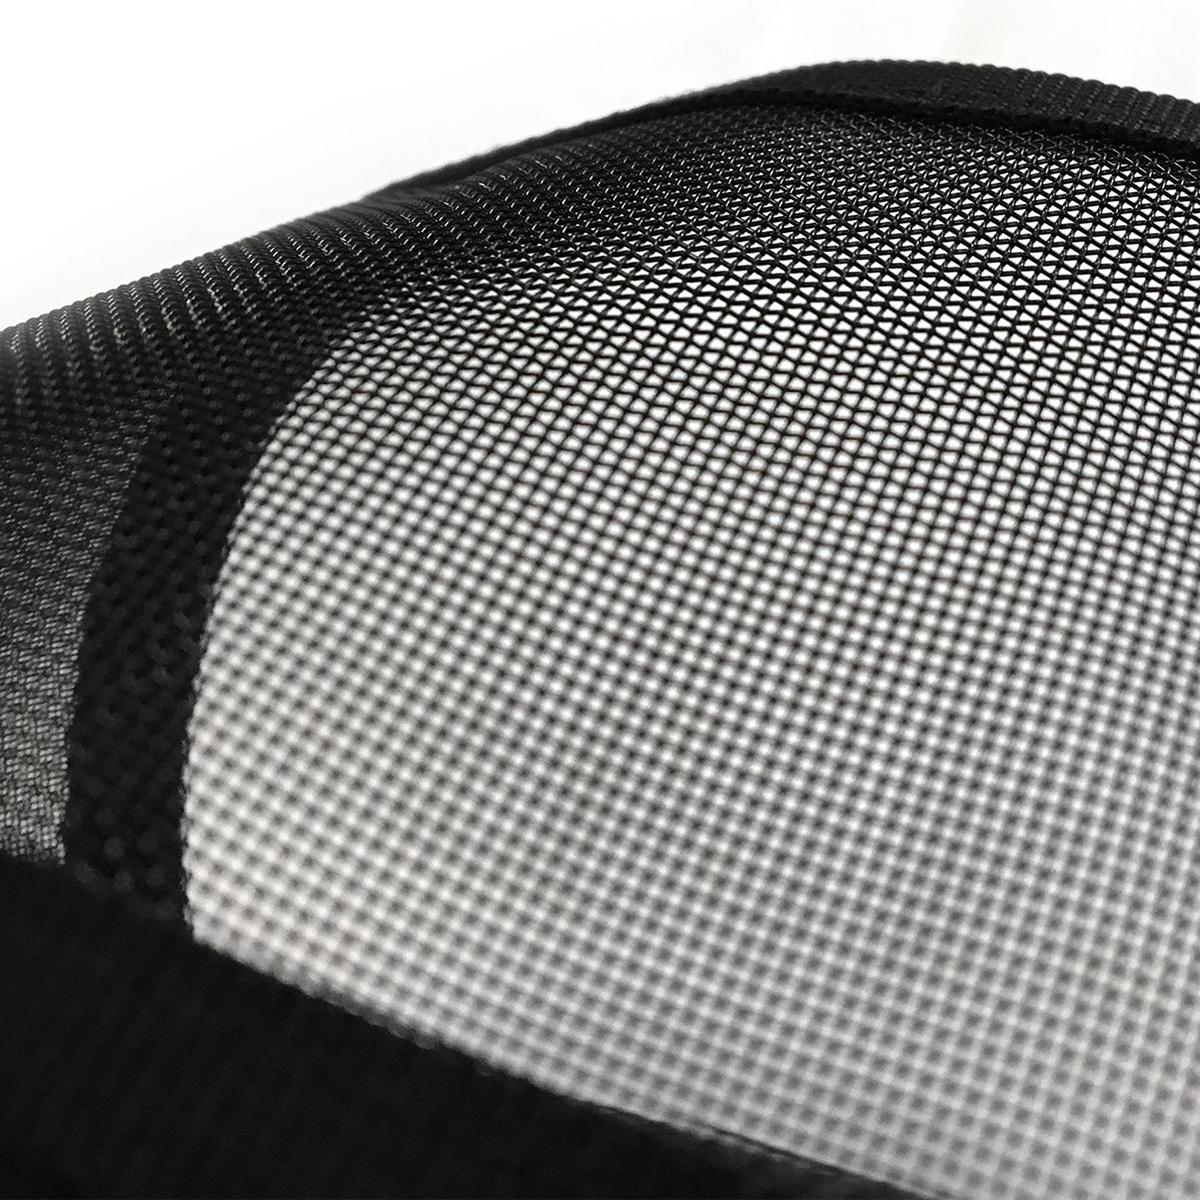 通気性抜群のショルダーストラップは、耐水性の高いエアーメッシュ素材。汗をかく季節や長時間動き回るシーンでもムレなどの不快感がなく、とにかく快適なバックパック|Matador freefly16